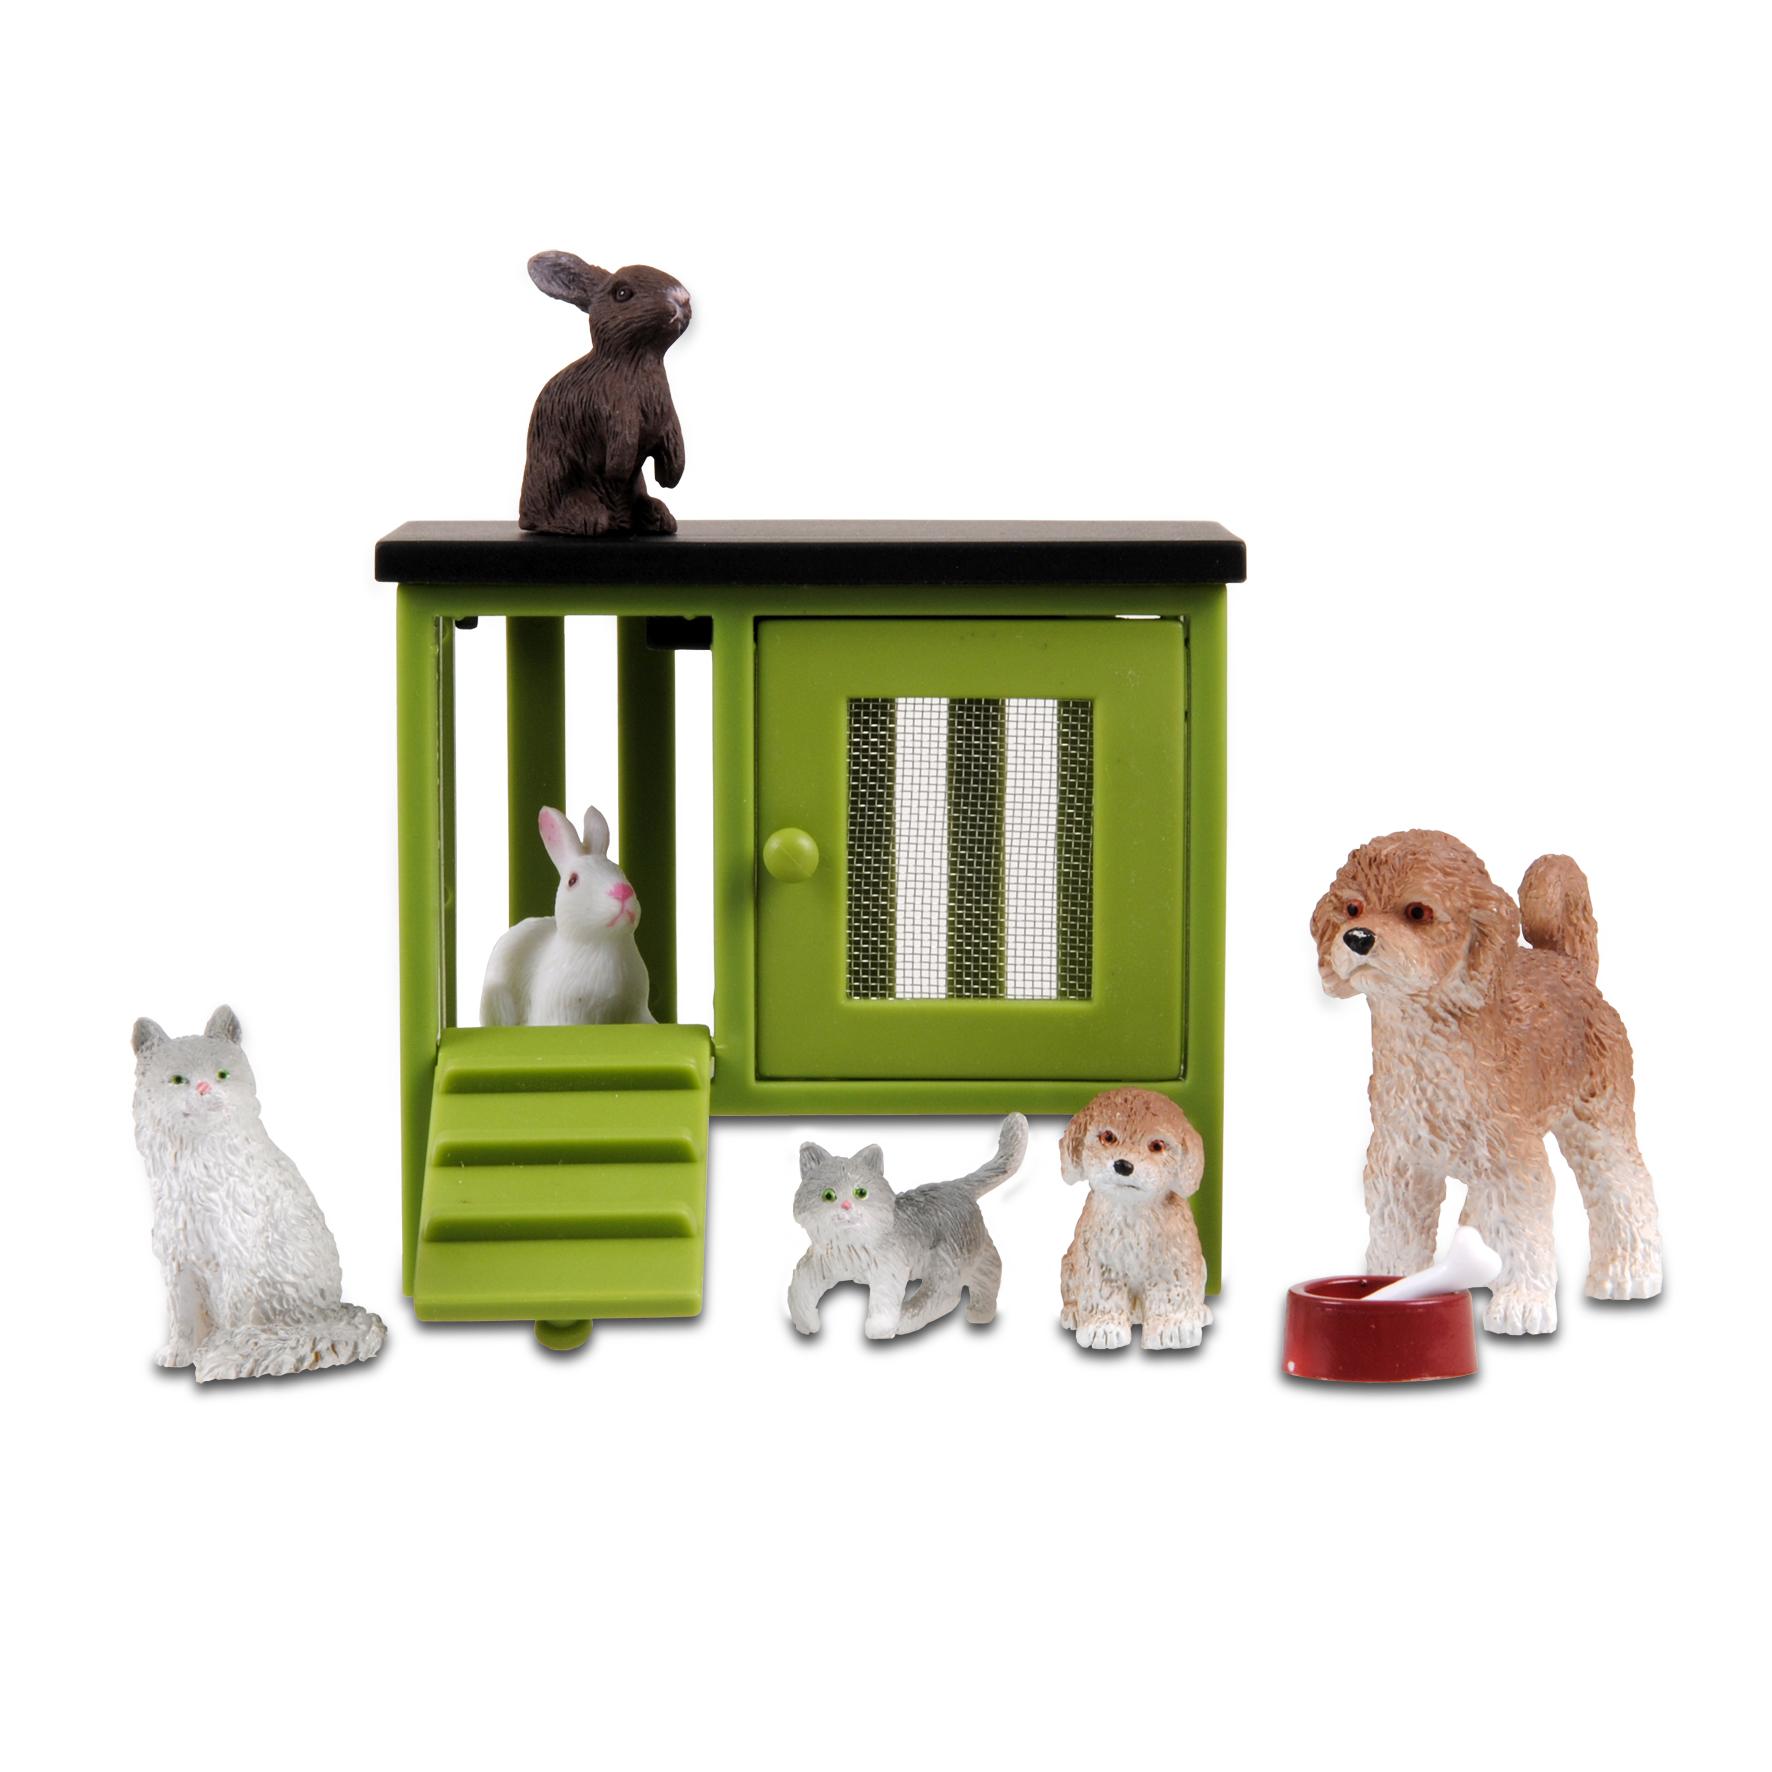 Фото - Домашние животные для кукольного домика Lundby Стокгольм, LB_60905800 аксессуары для домика lundby домашние животные